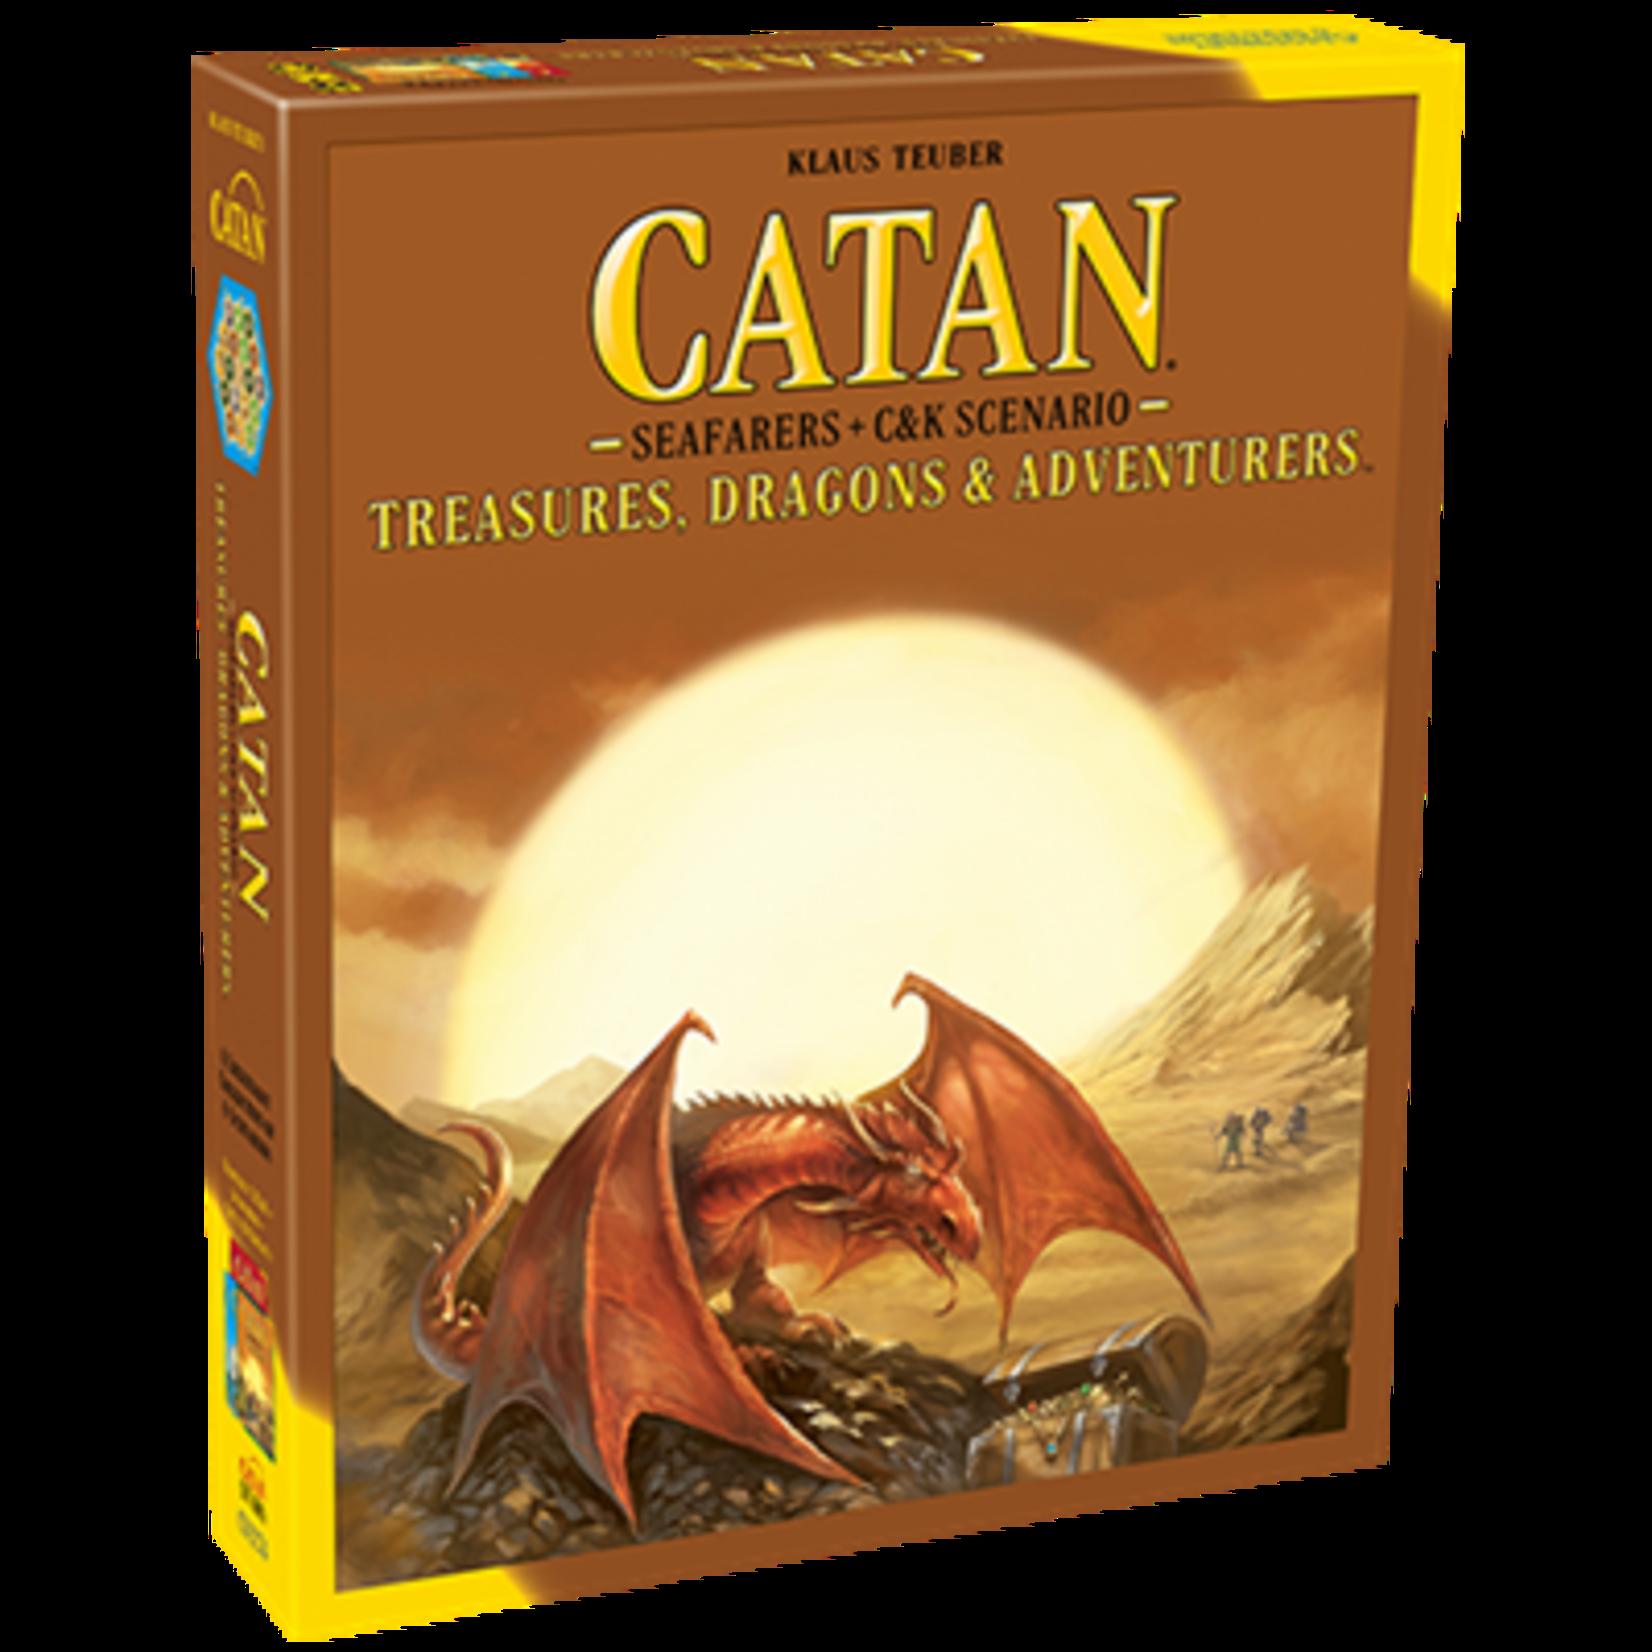 Catan Studios Catan: Treasures, Dragons, & Adventurers Scenario